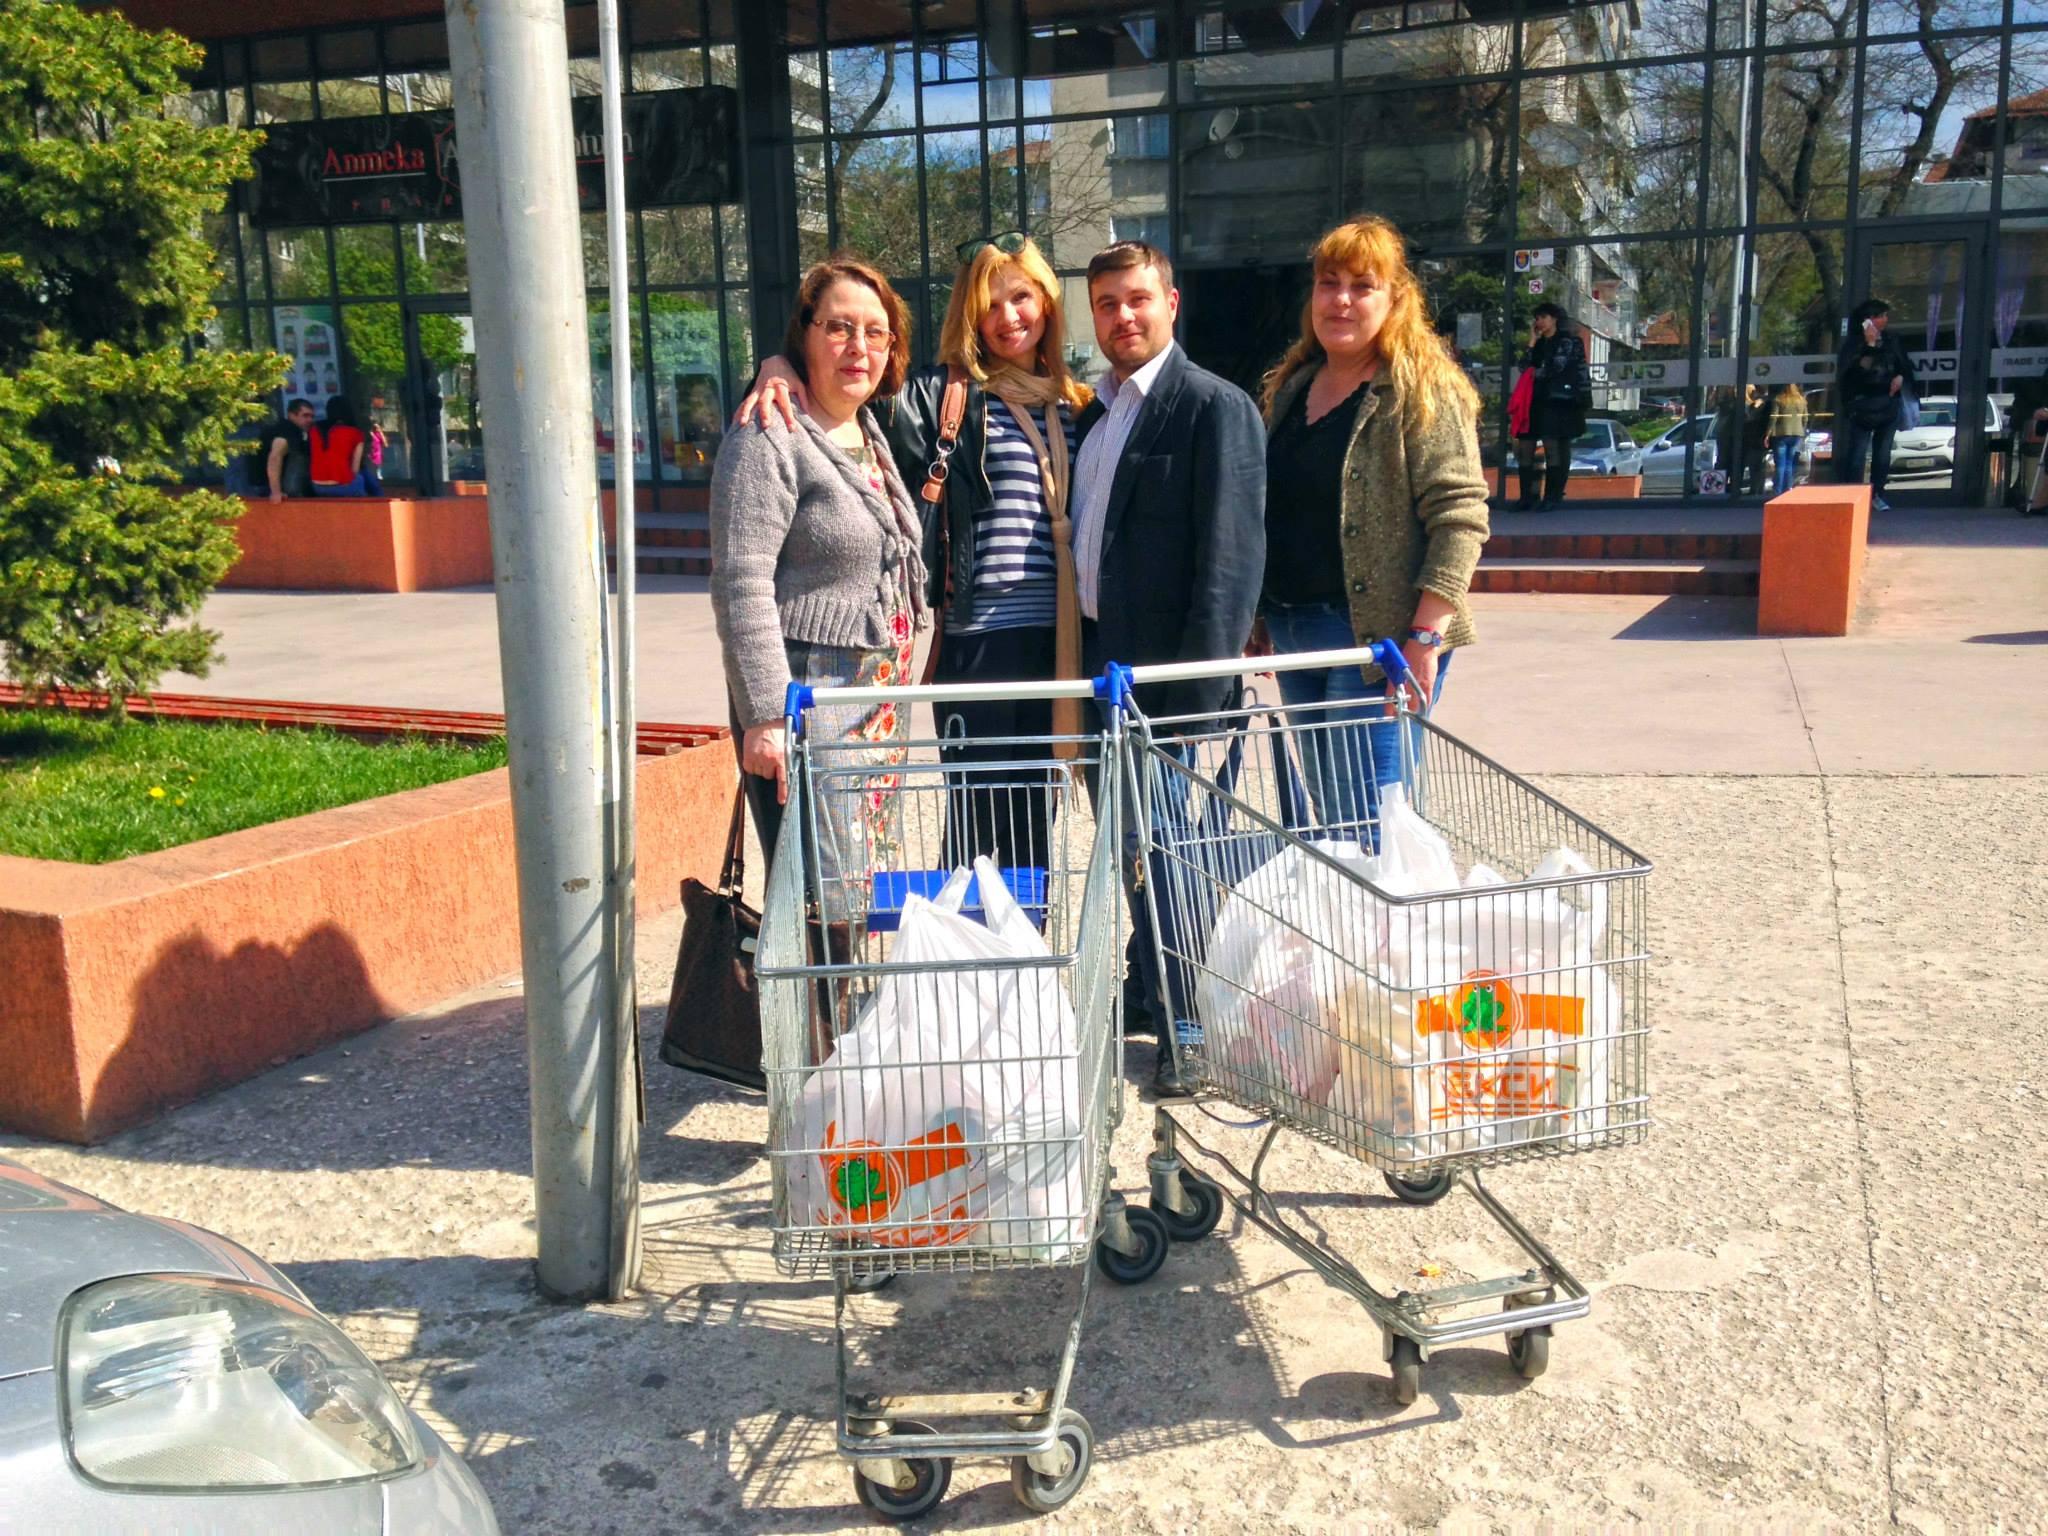 Любомир Чакъров и дамите от клуб Сороптимист Интернешънъл в кампанията Дари Храна за Великден